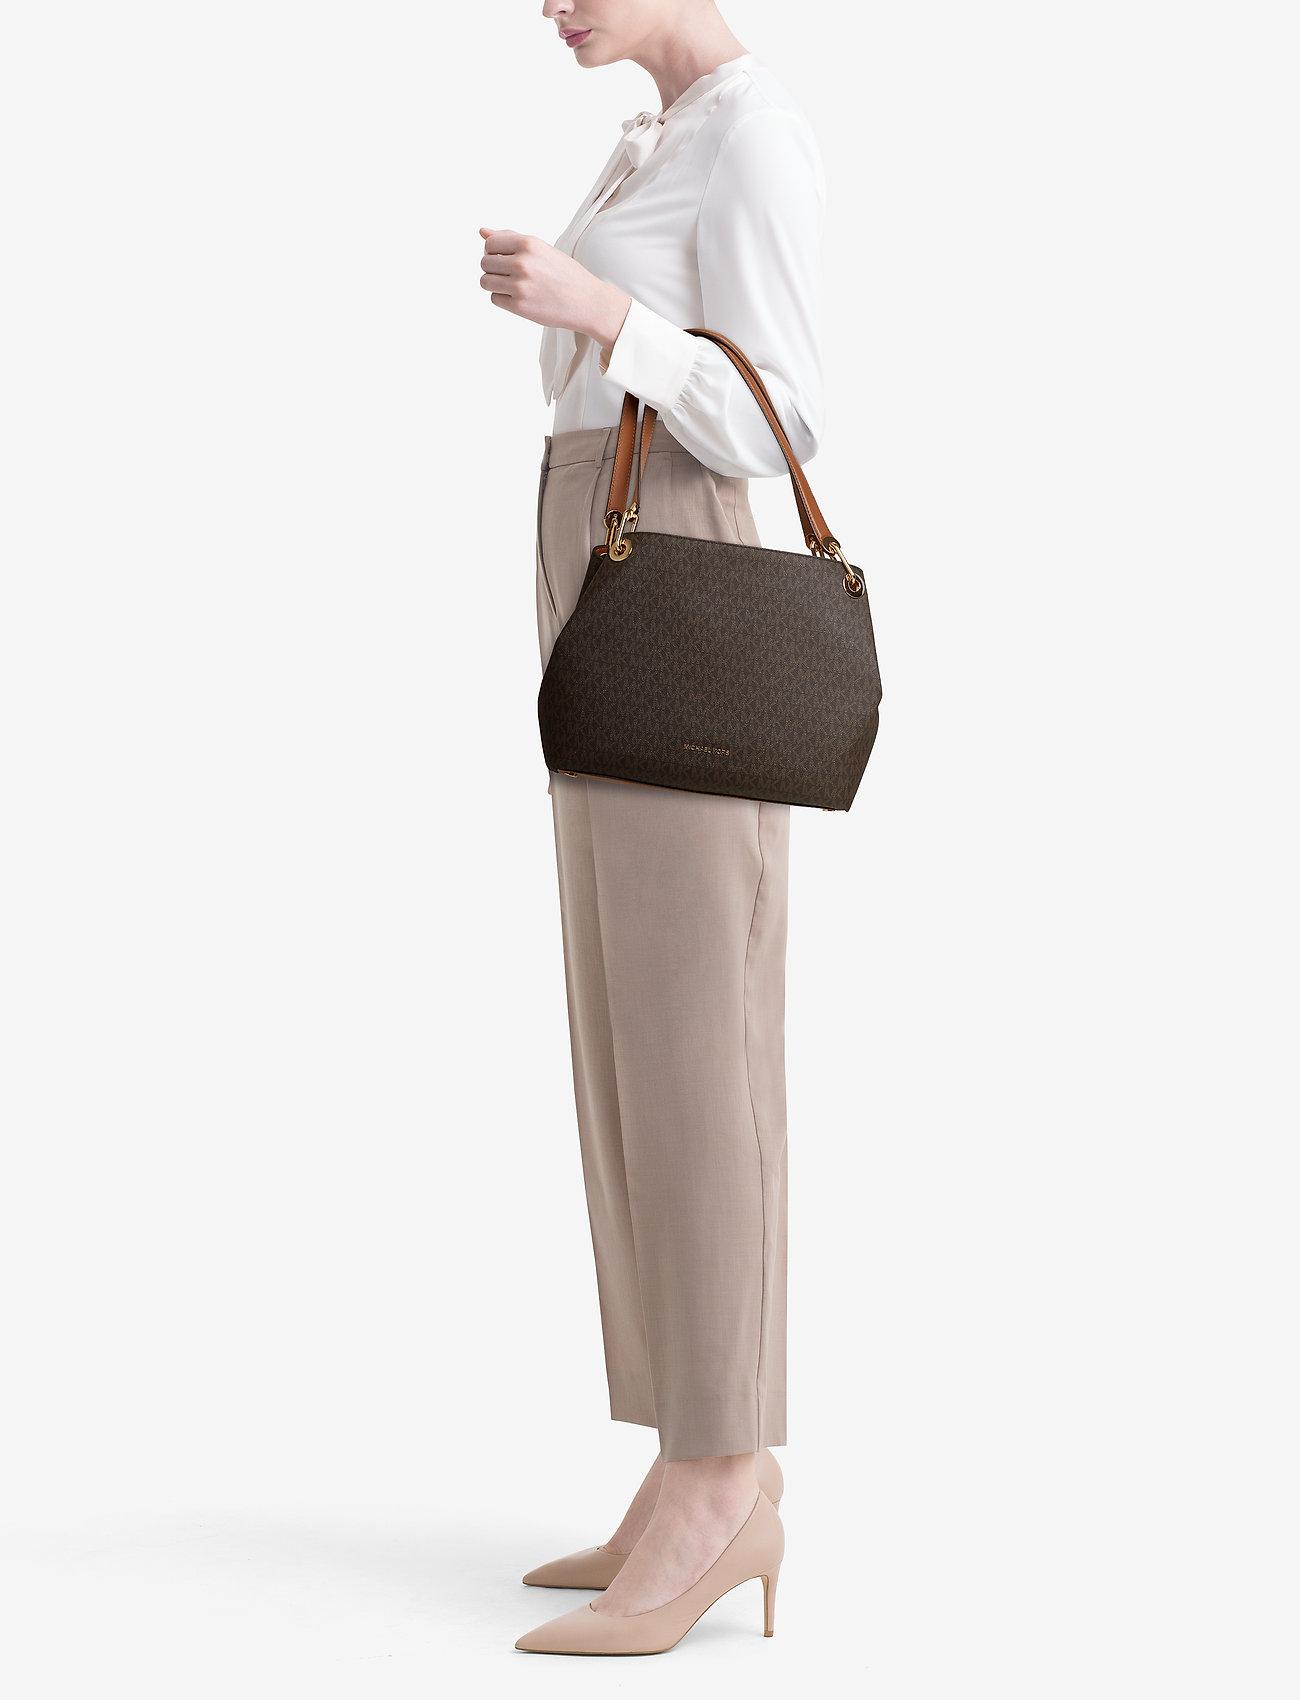 Michael Kors Bags LG SHLDR TOTE